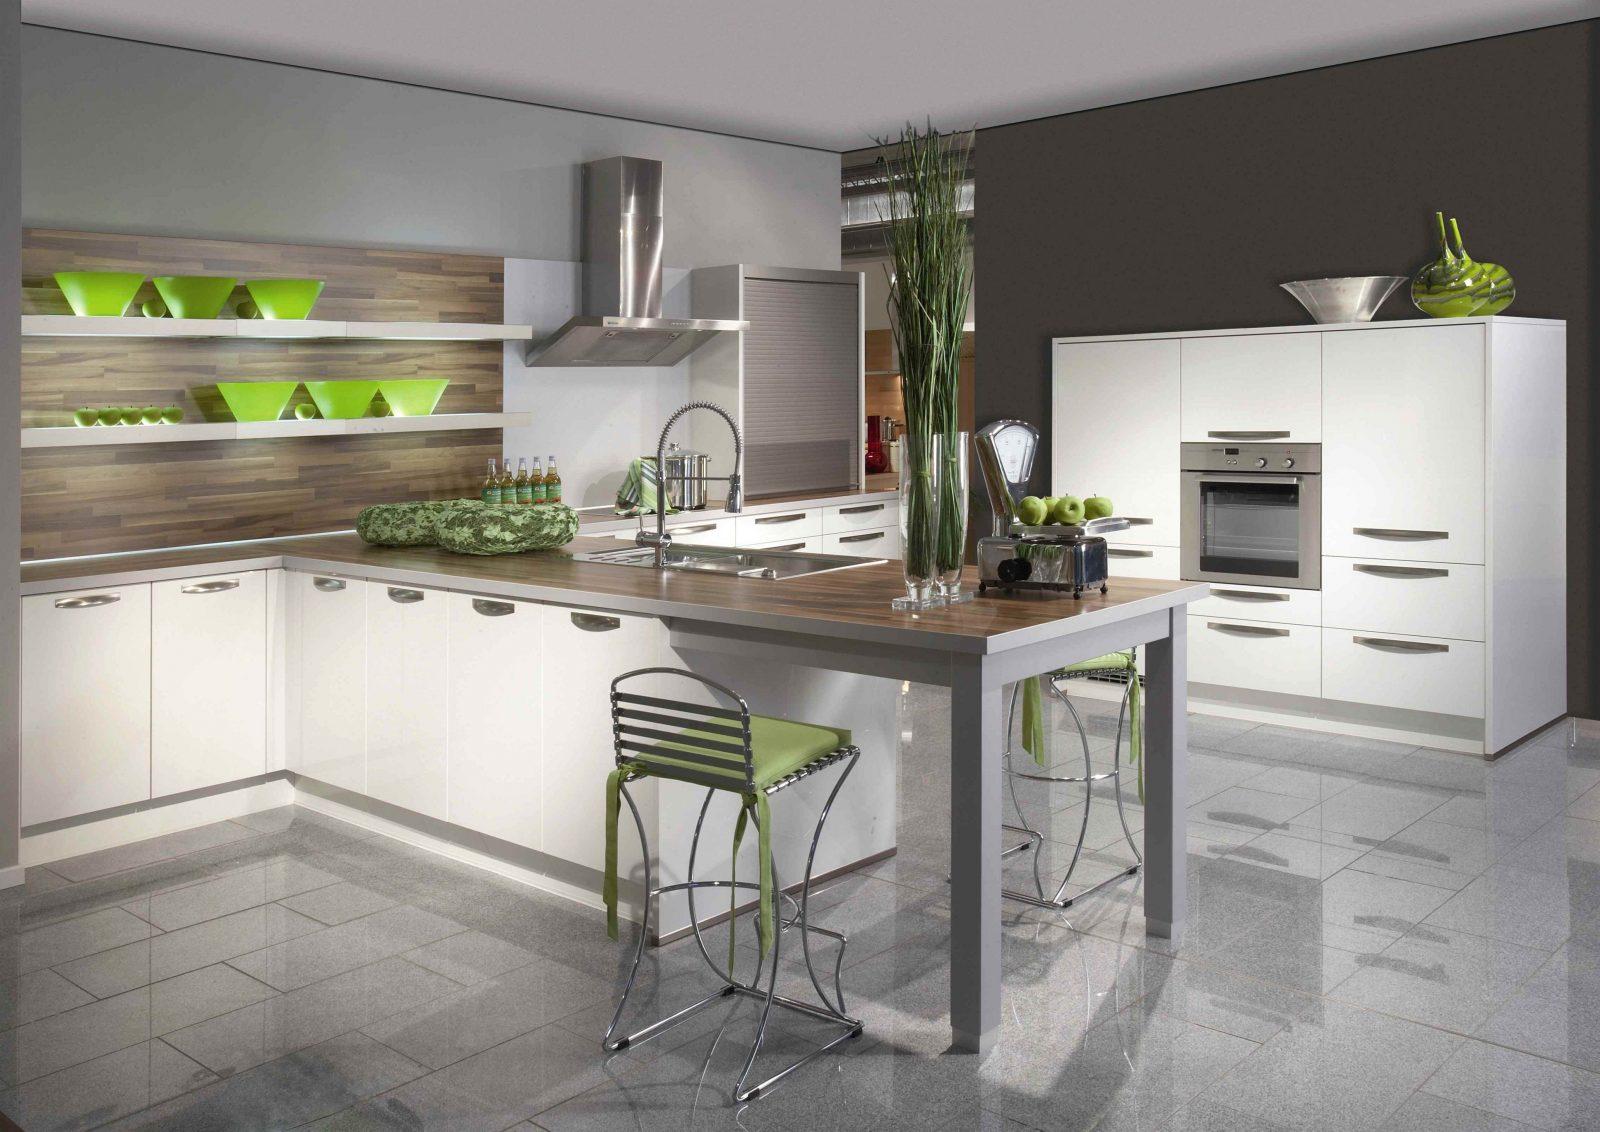 erstaunlich küche streichen farbe ideen imposing streich